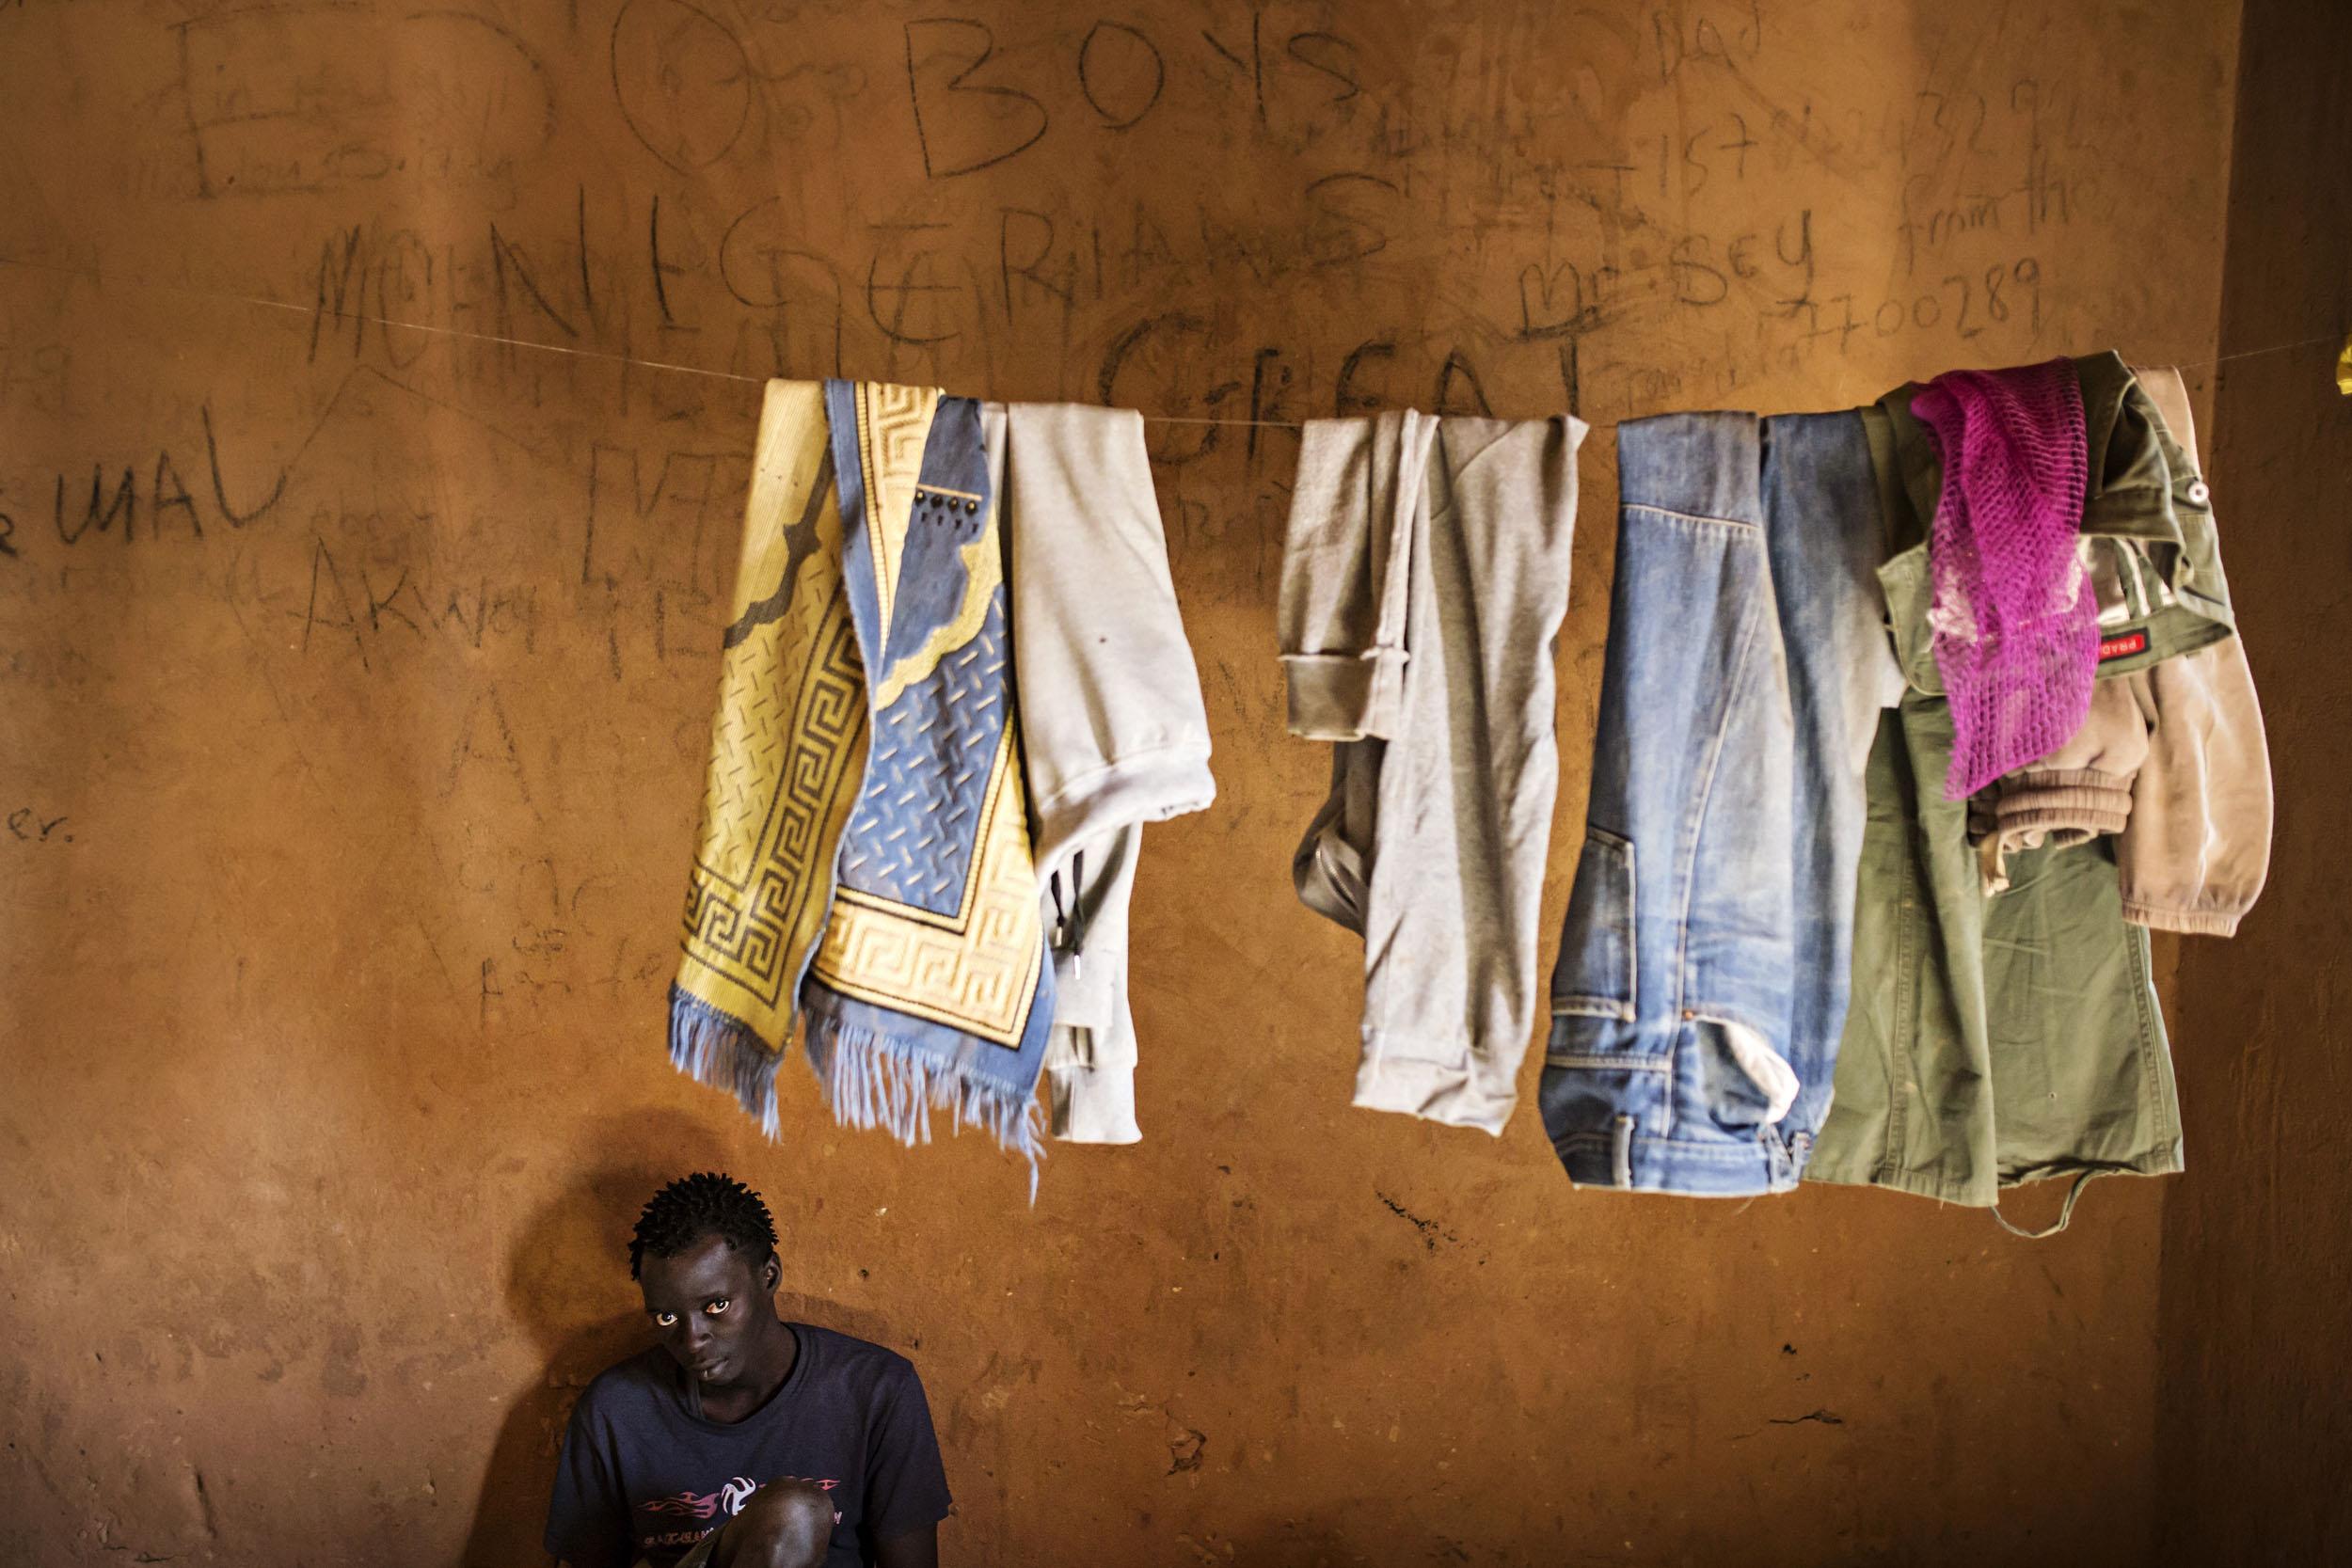 Salakuljettajien hinnat ovat nousseet lisääntyneen rajavalvonnan takia. Tuhansia Eurooppaan pyrkiviä elää Agadezissa toivottomassa tilanteessa.